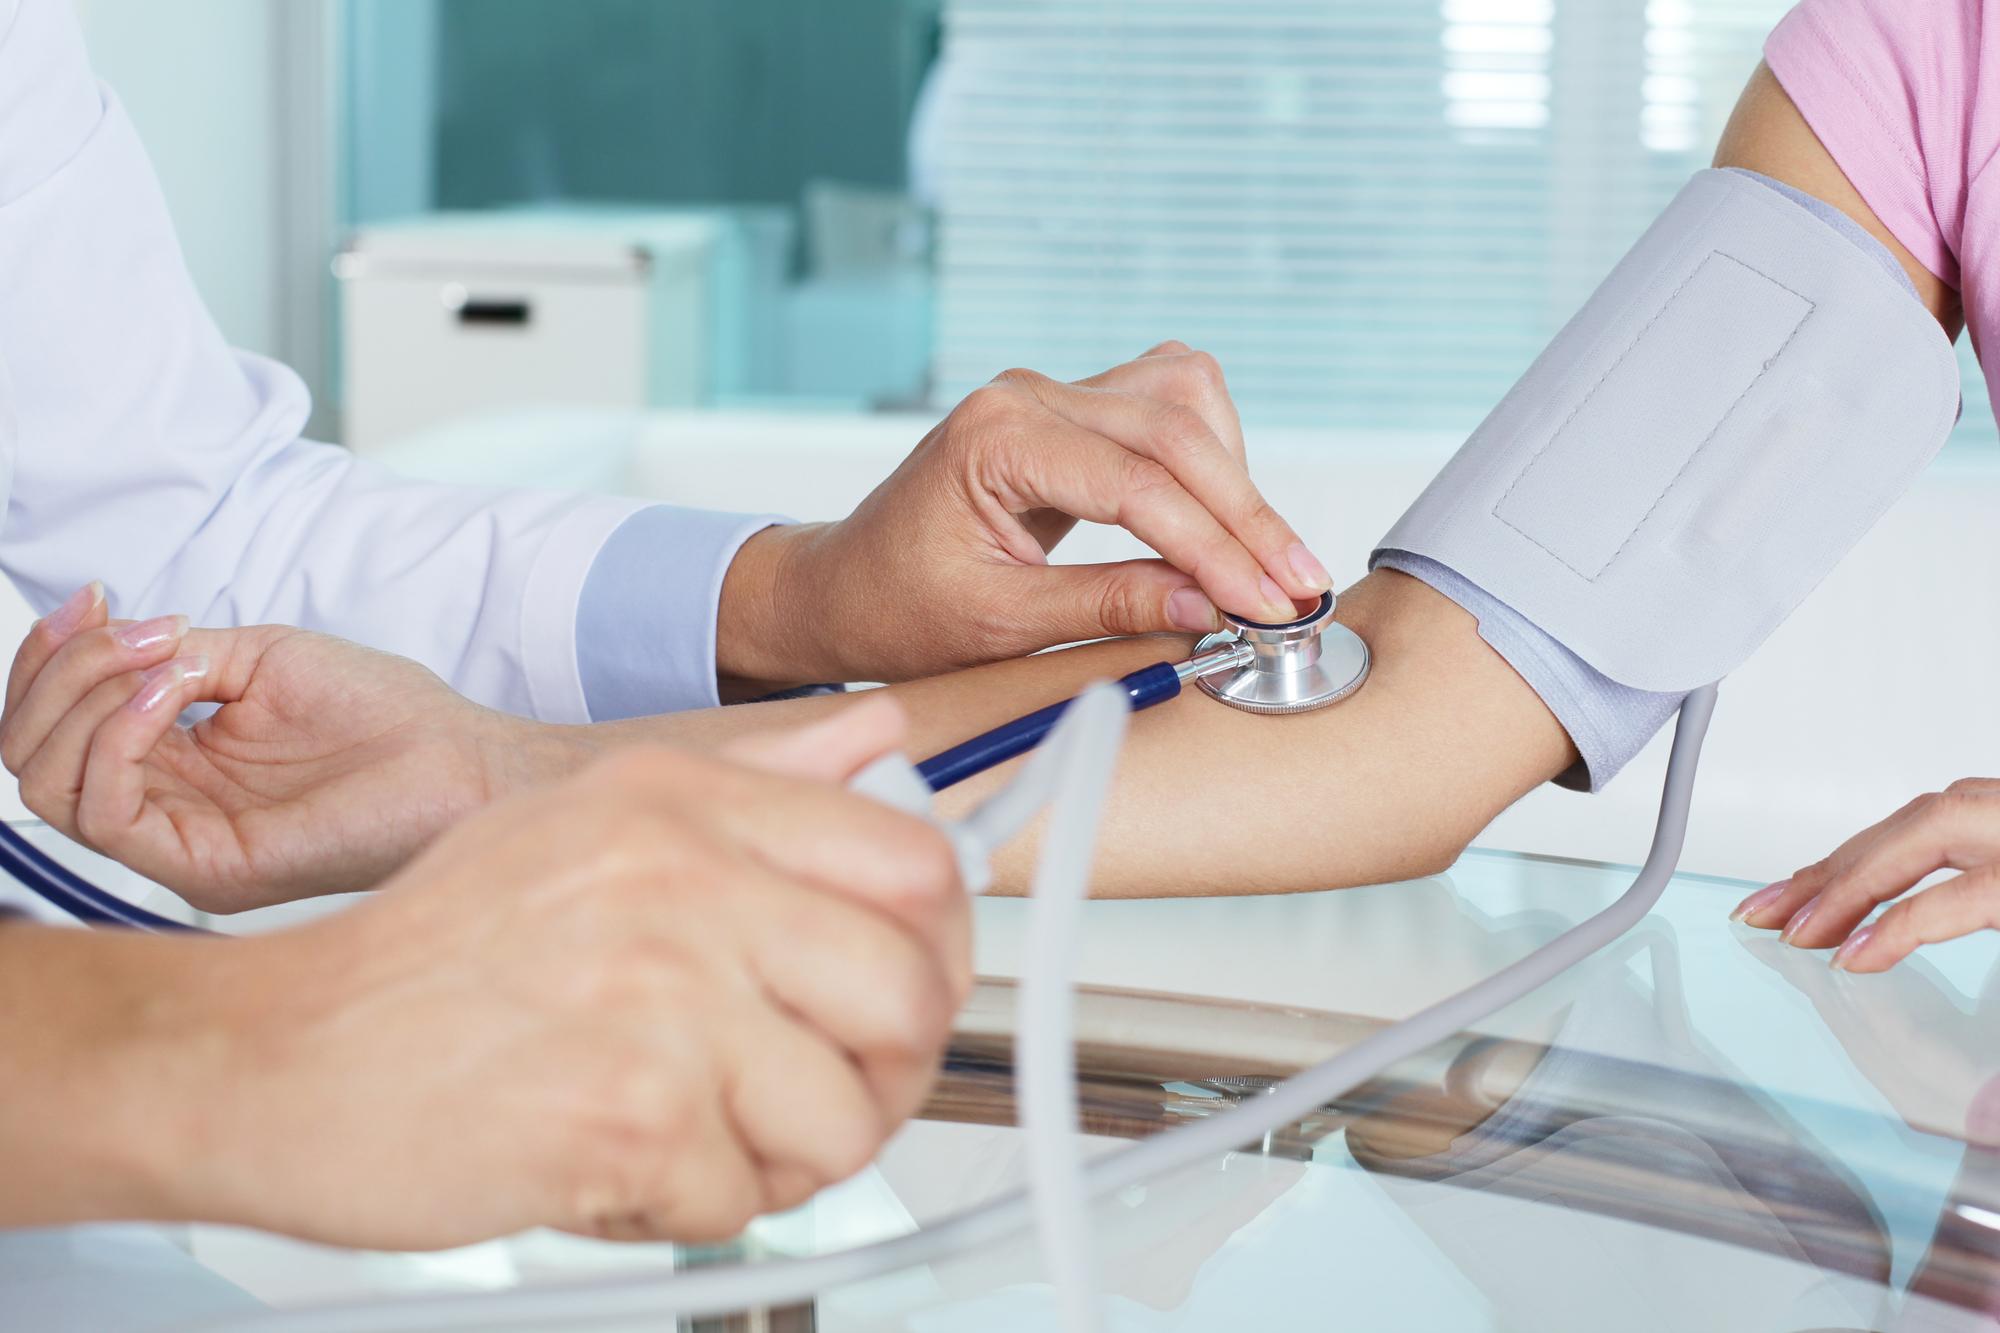 Médico tomando tensión paciente en consulta